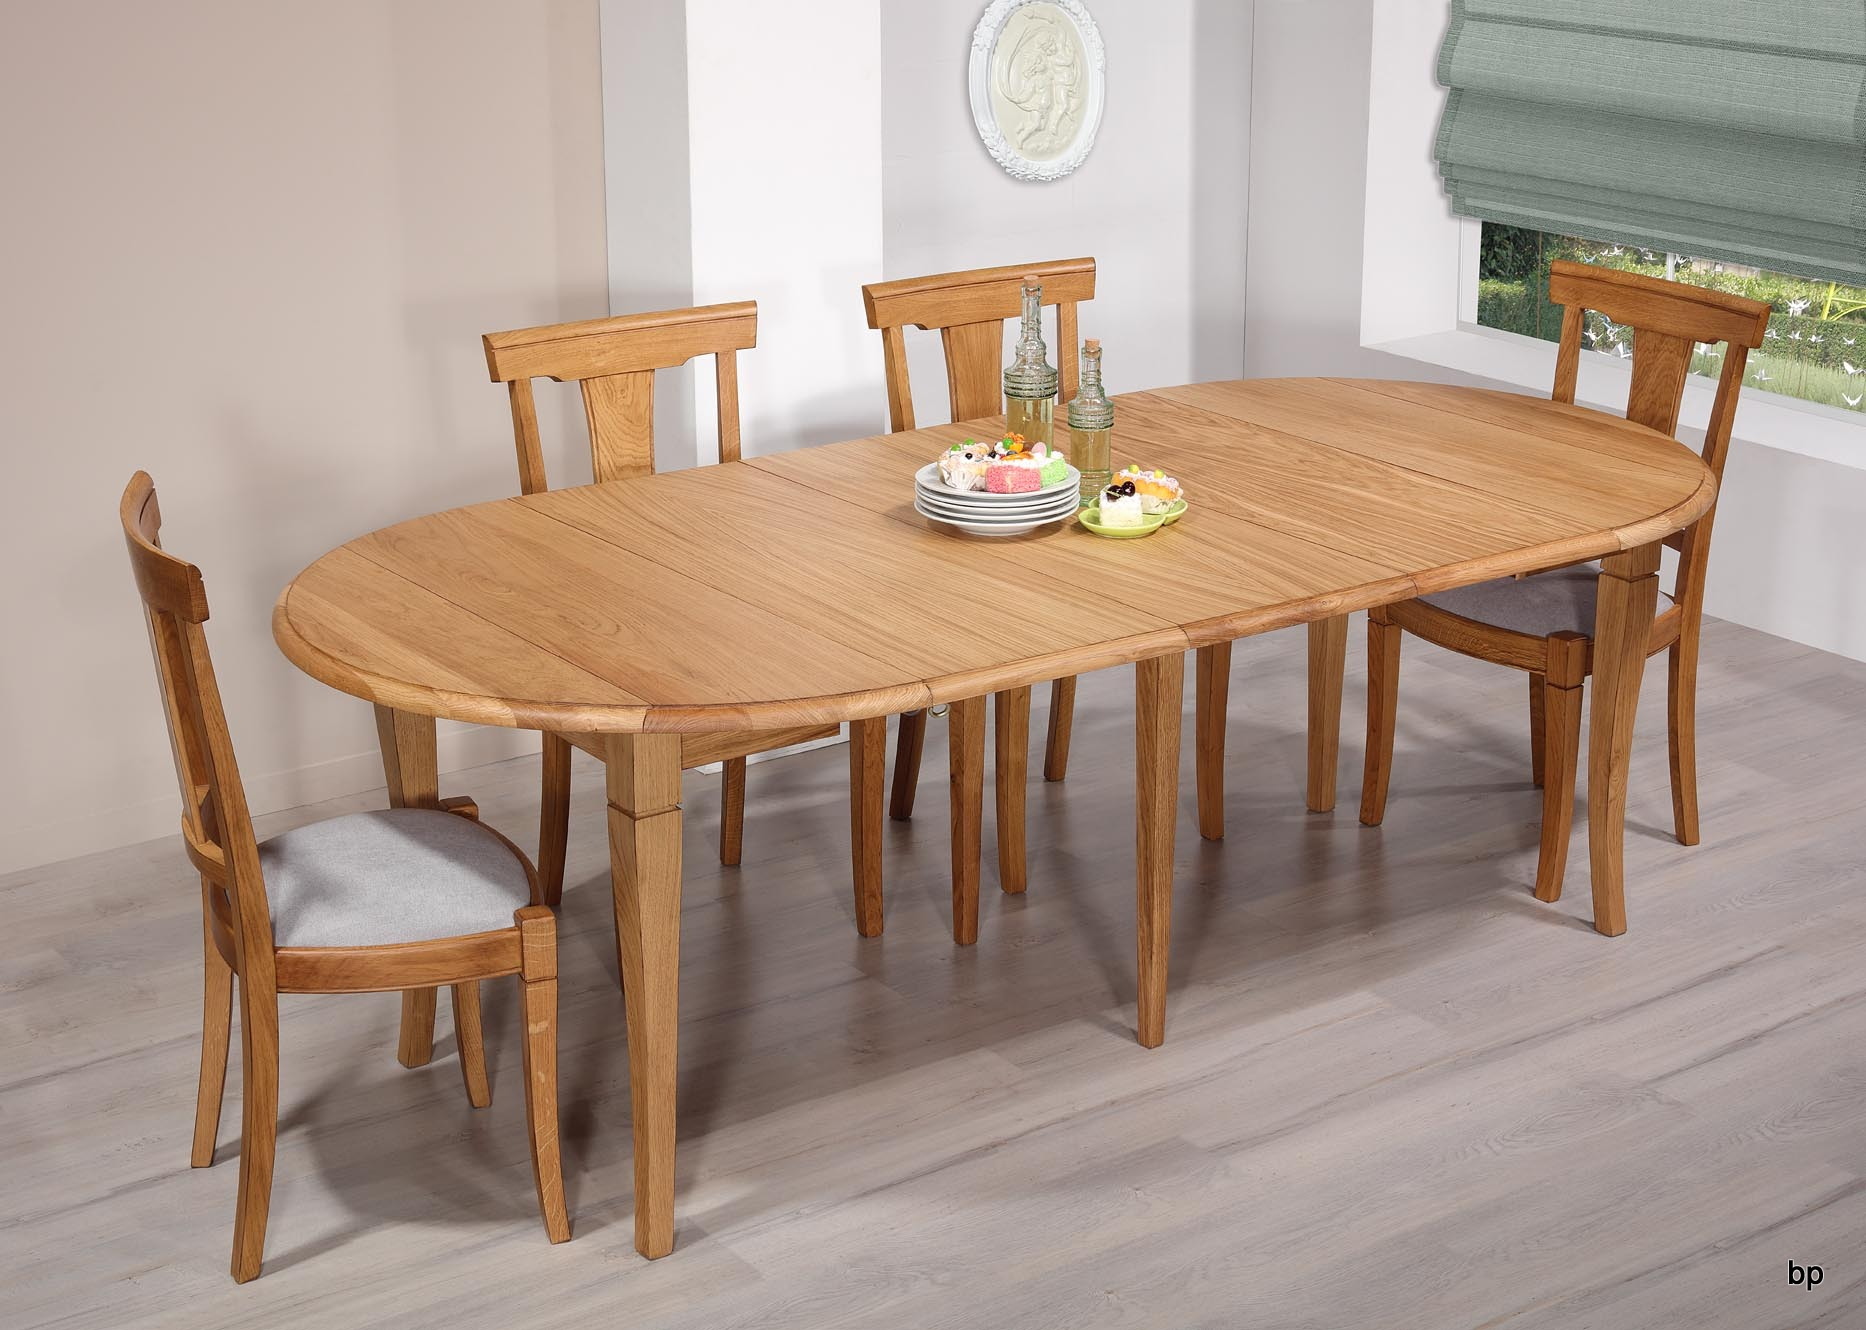 table ronde volets en ch ne massif de style louis philippe diam tre 110 3 allonges de 40 cm. Black Bedroom Furniture Sets. Home Design Ideas